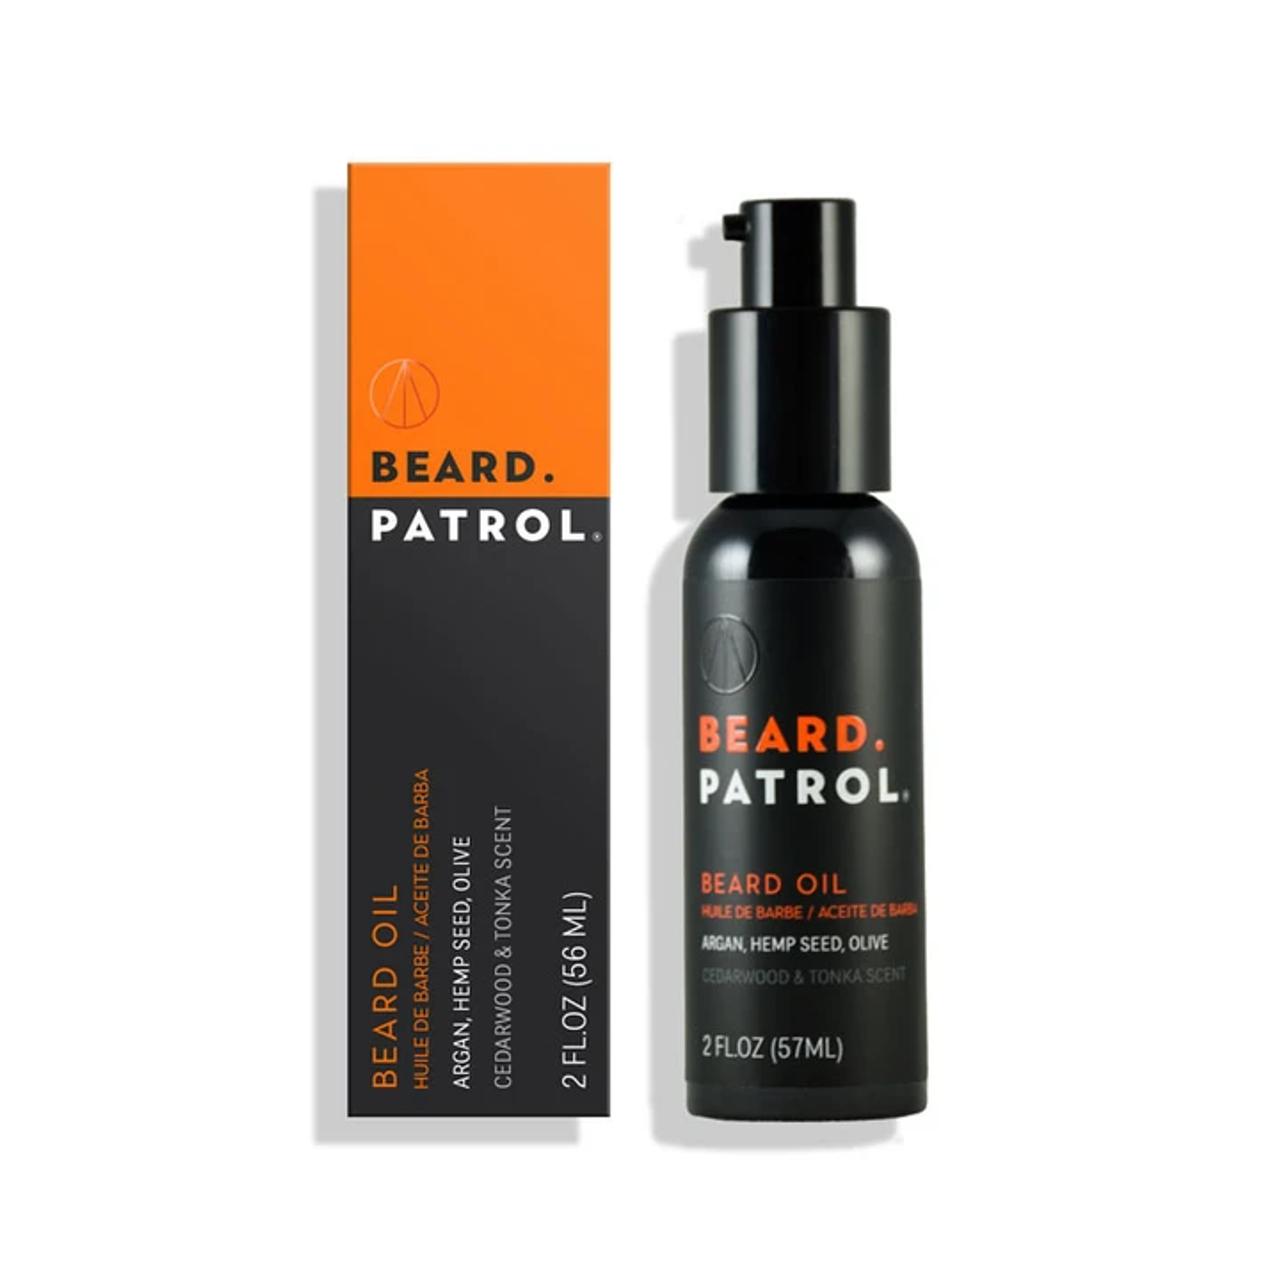 Beard Patrol Beard Oil